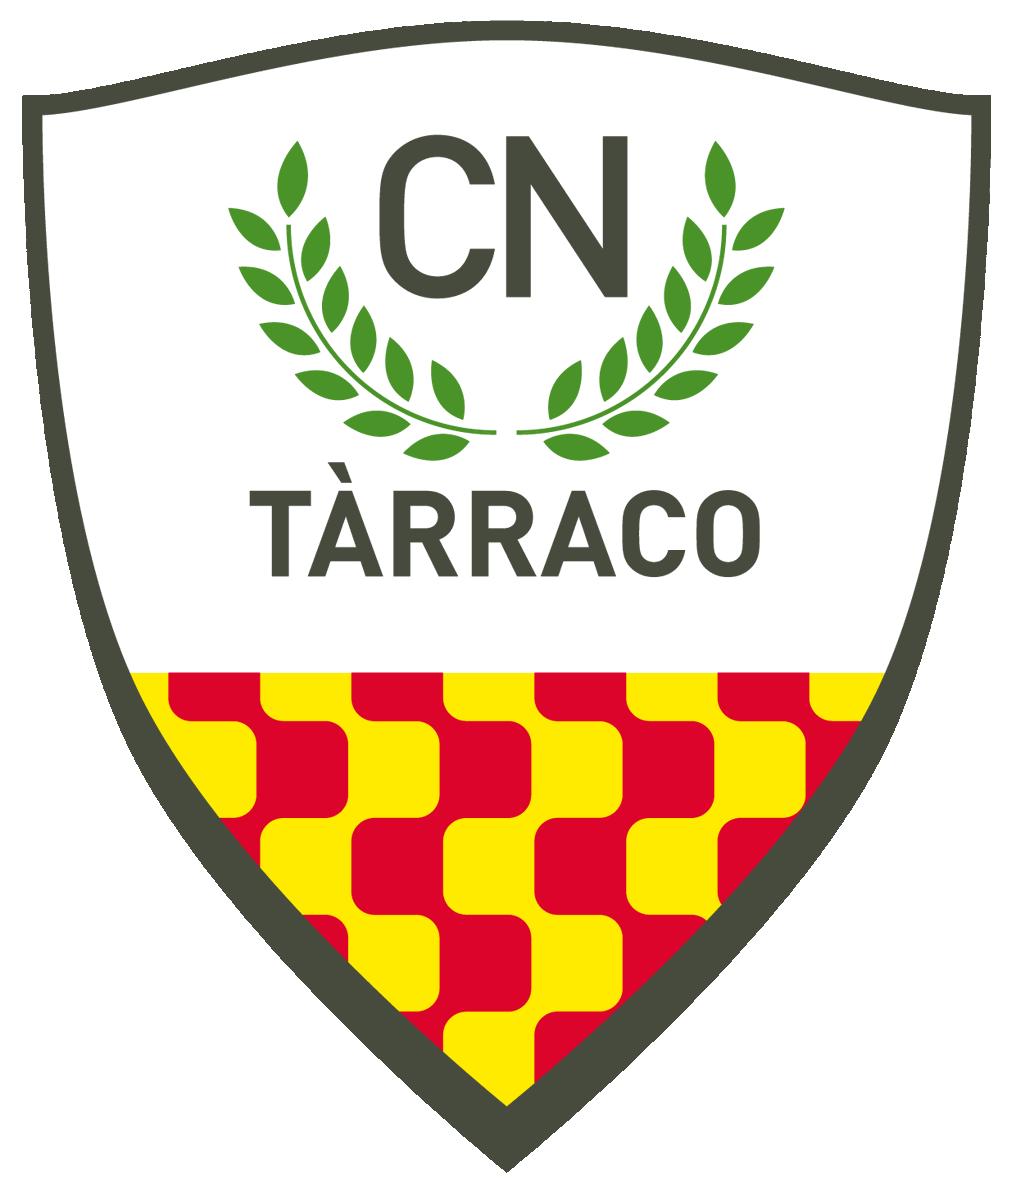 📌El proper dimecres 27 de maig, el Club Natació Tàrraco obrirà les seves instal·lacions i començarà paulatinament les seves activitats!! Clica aquí per llegir el comunicat als socis https://t.co/gMSWL7N9iu https://t.co/kBZlvPjtFh